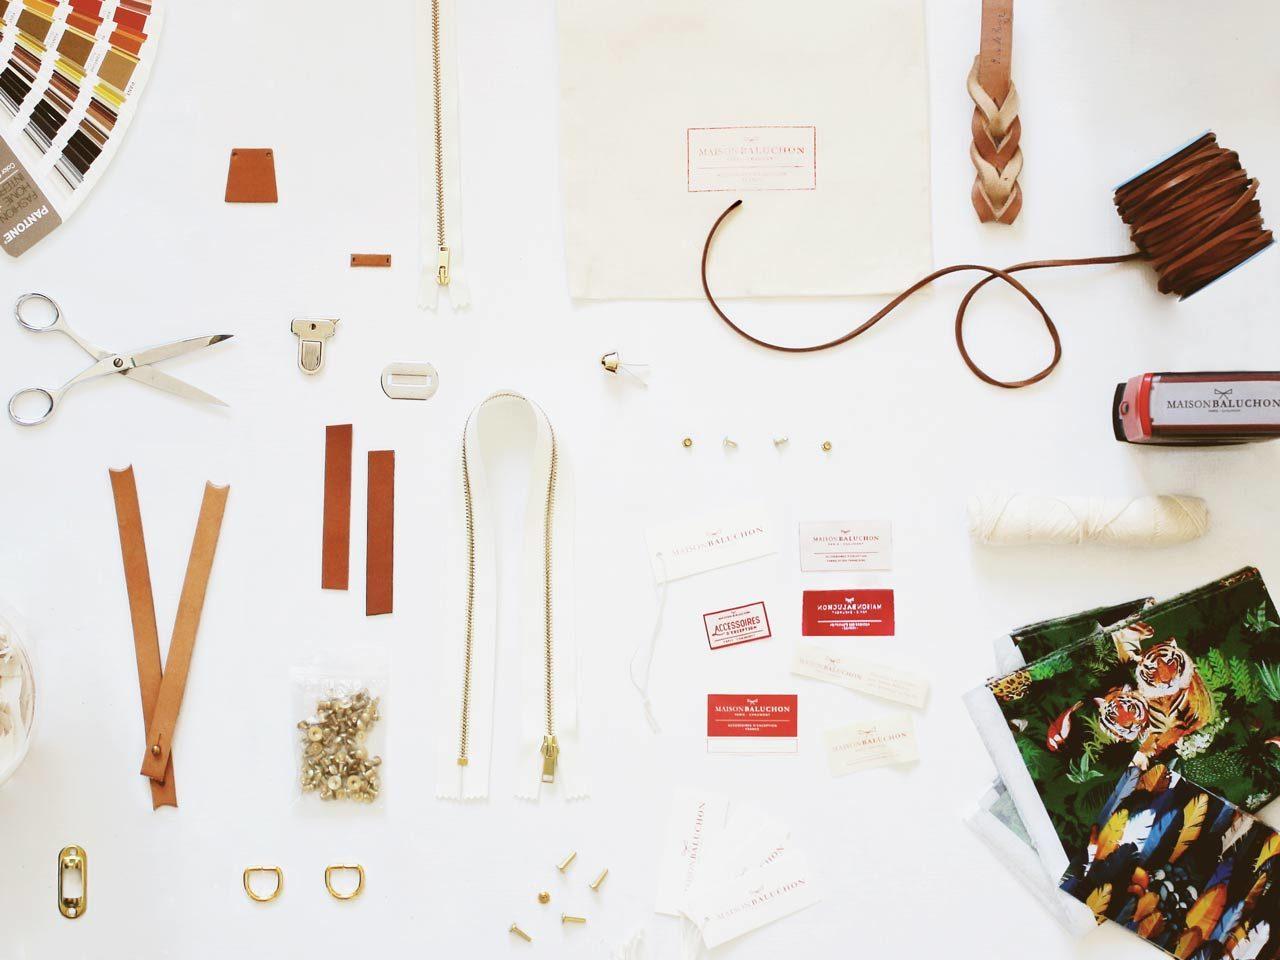 Matériaux utilisés dans l'atelier.